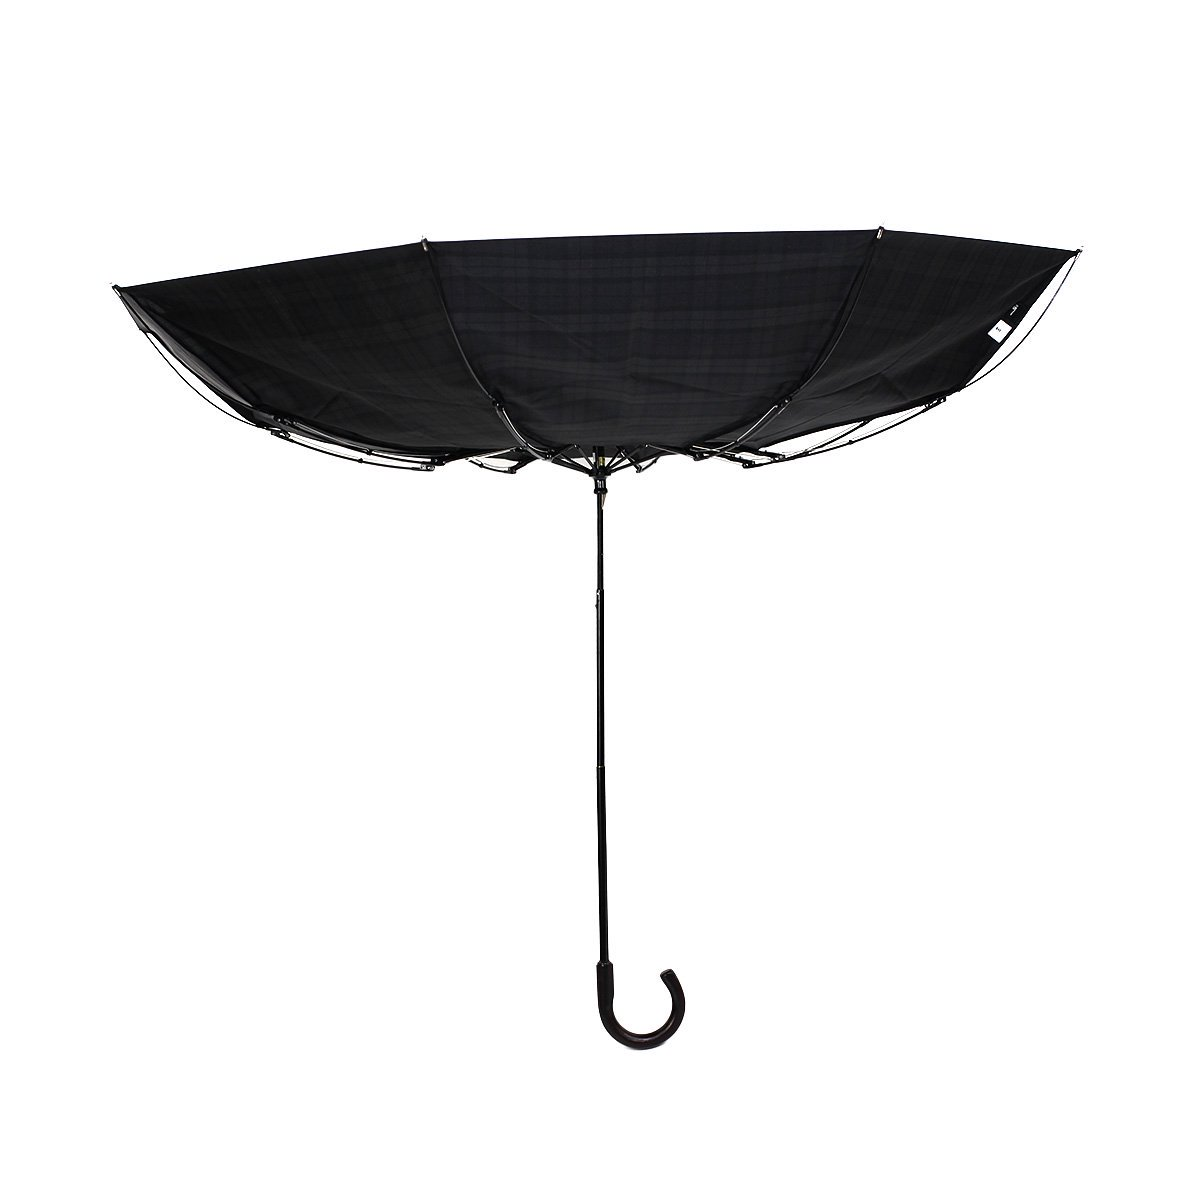 ロンドンストライプ 耐風骨 折りたたみ傘 詳細画像10